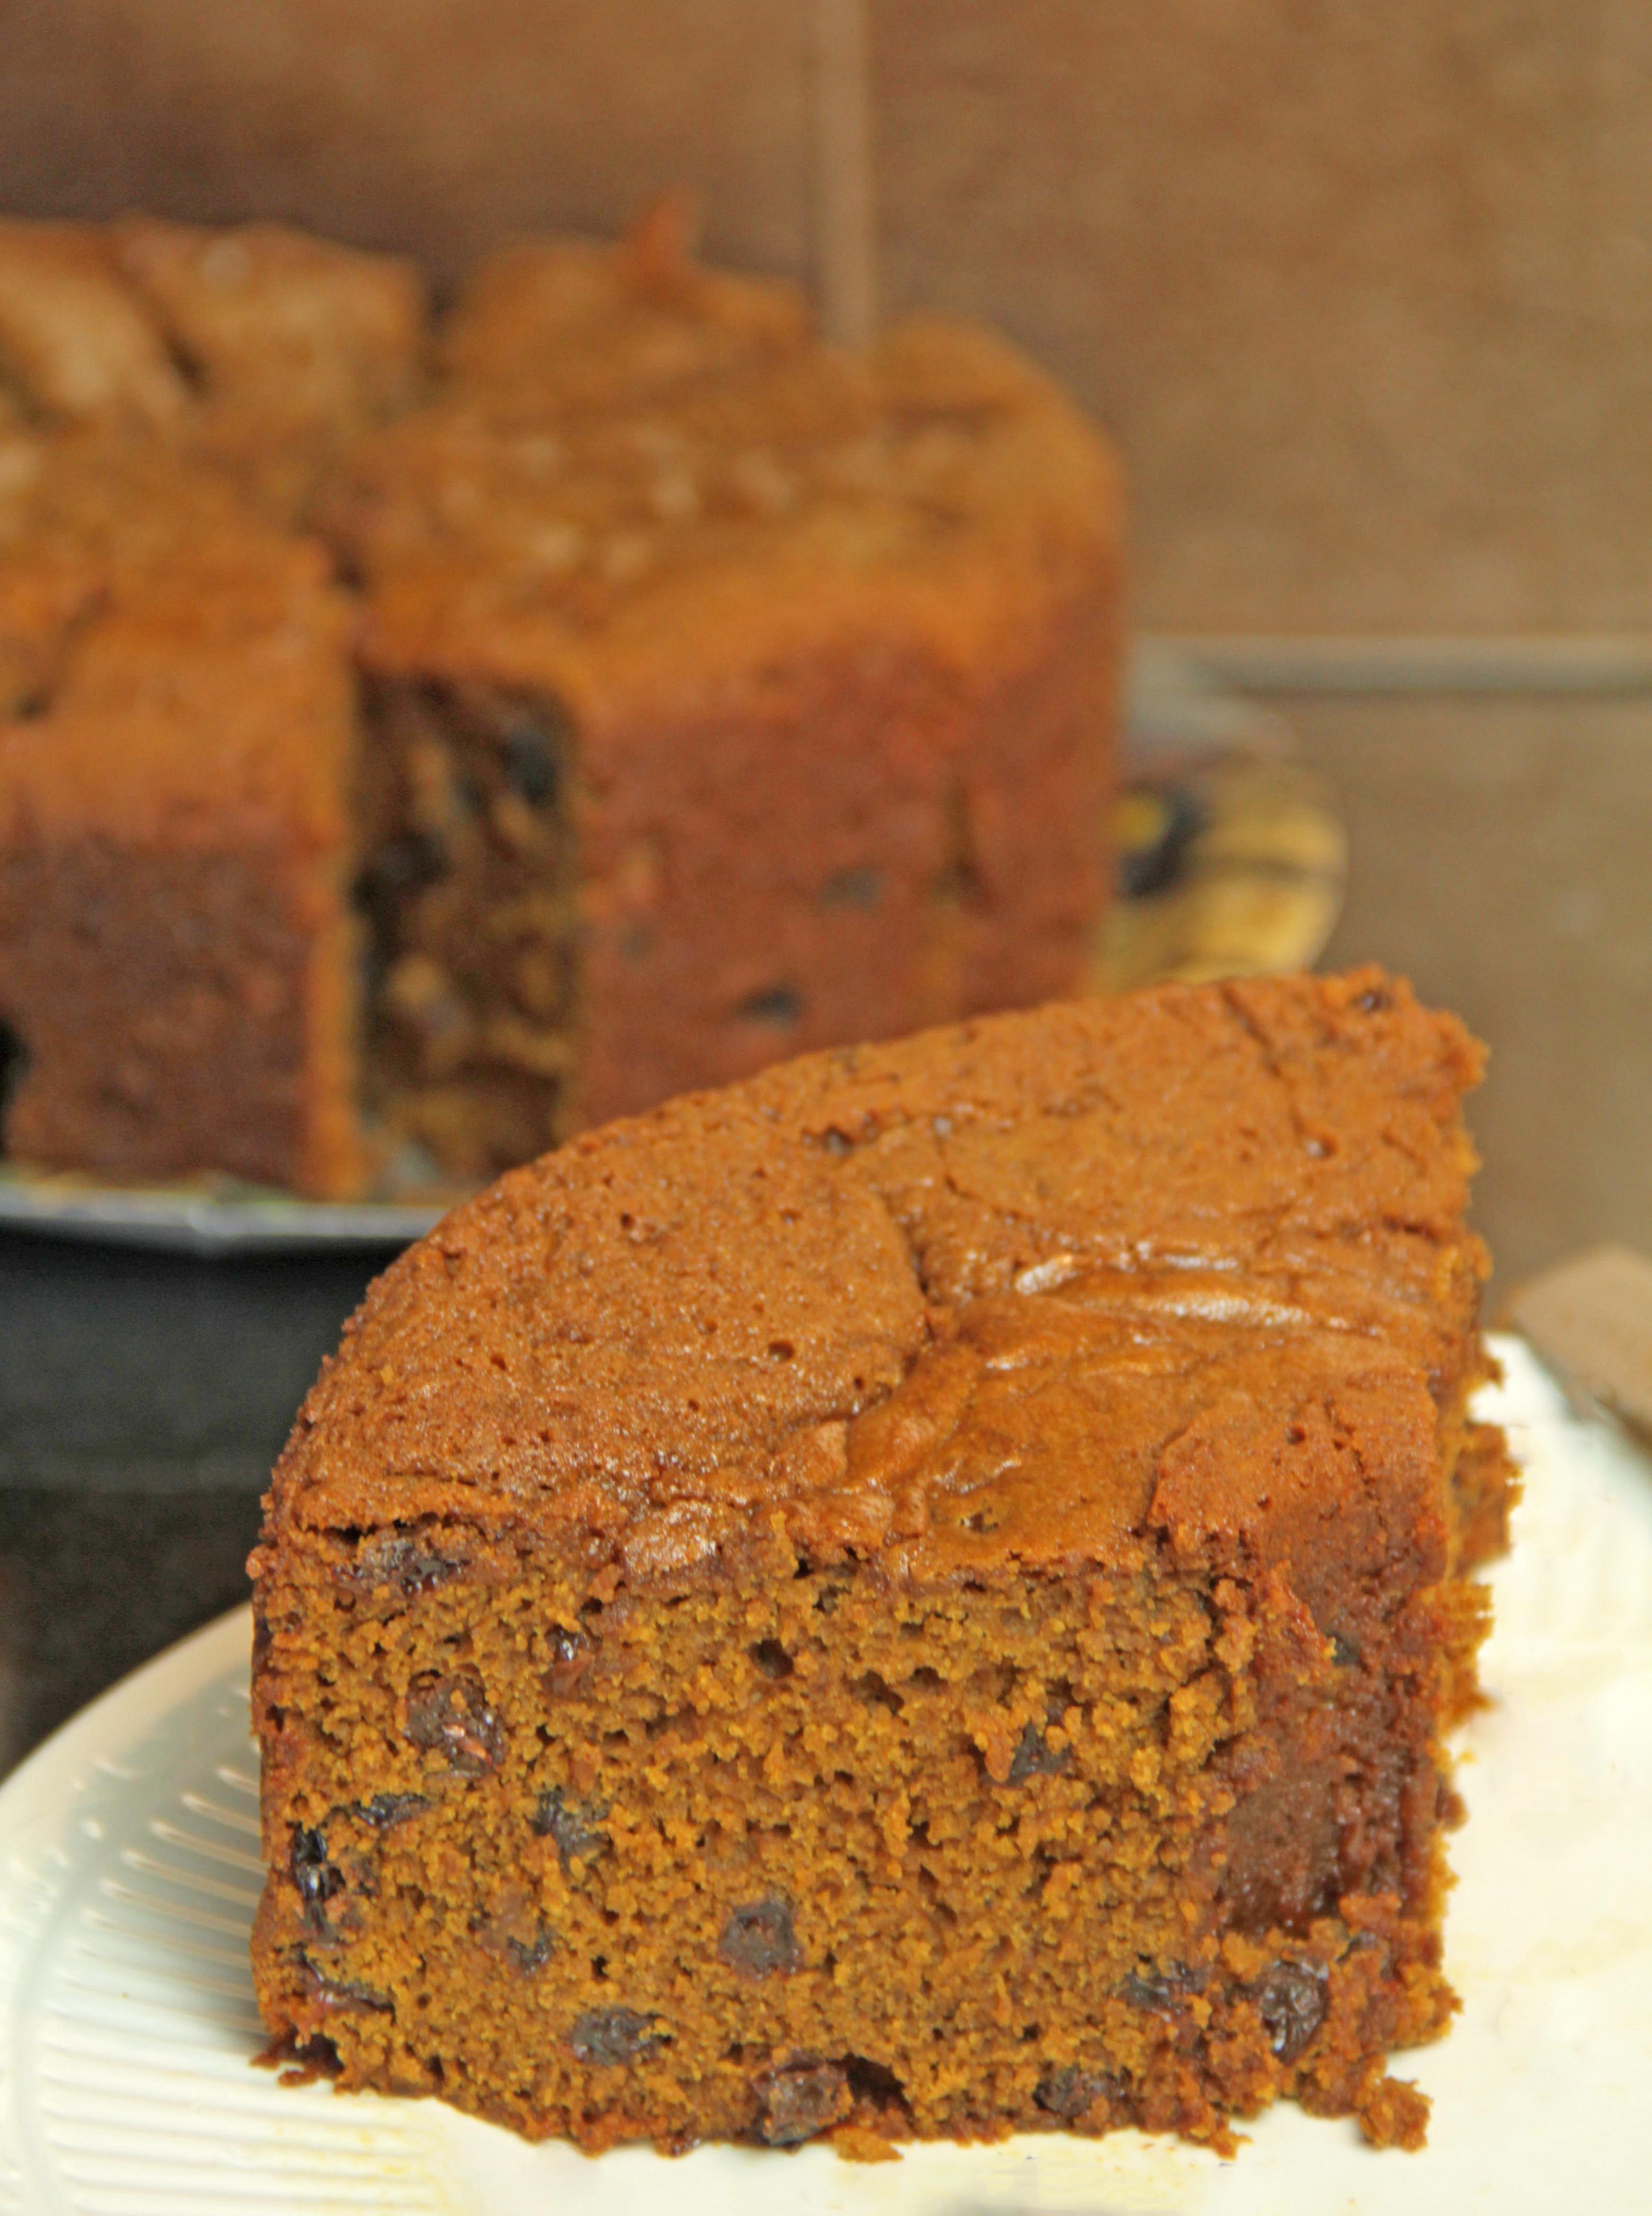 Allie's Cake 11